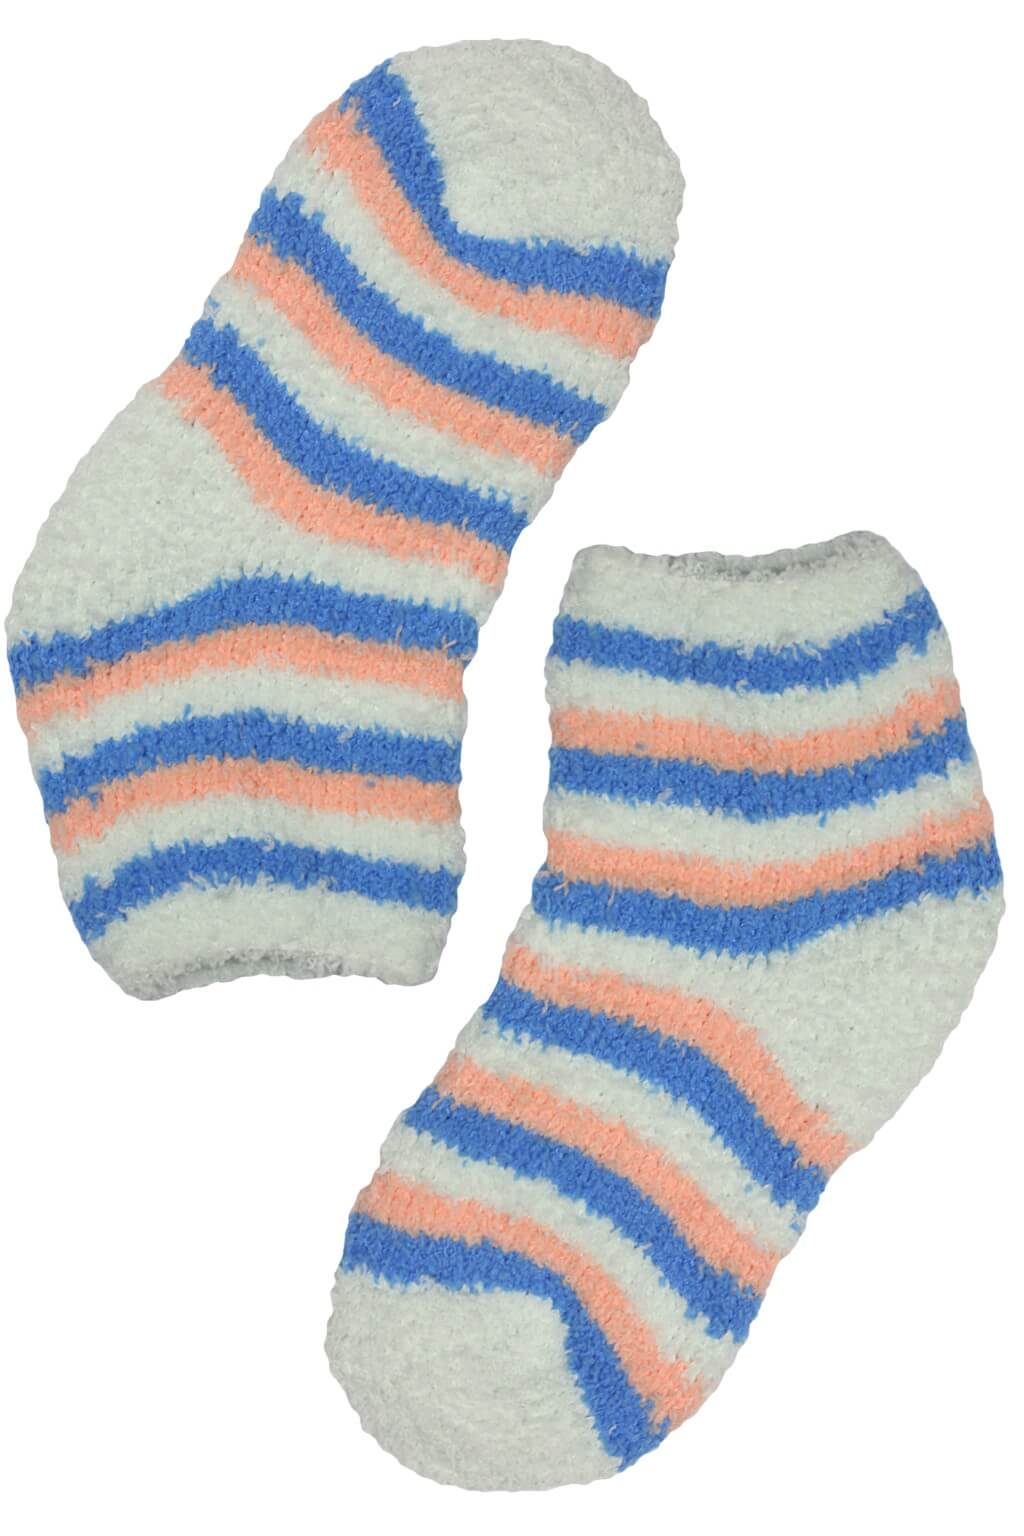 AMZF ponožky dětské spací 5-6 let smetanová